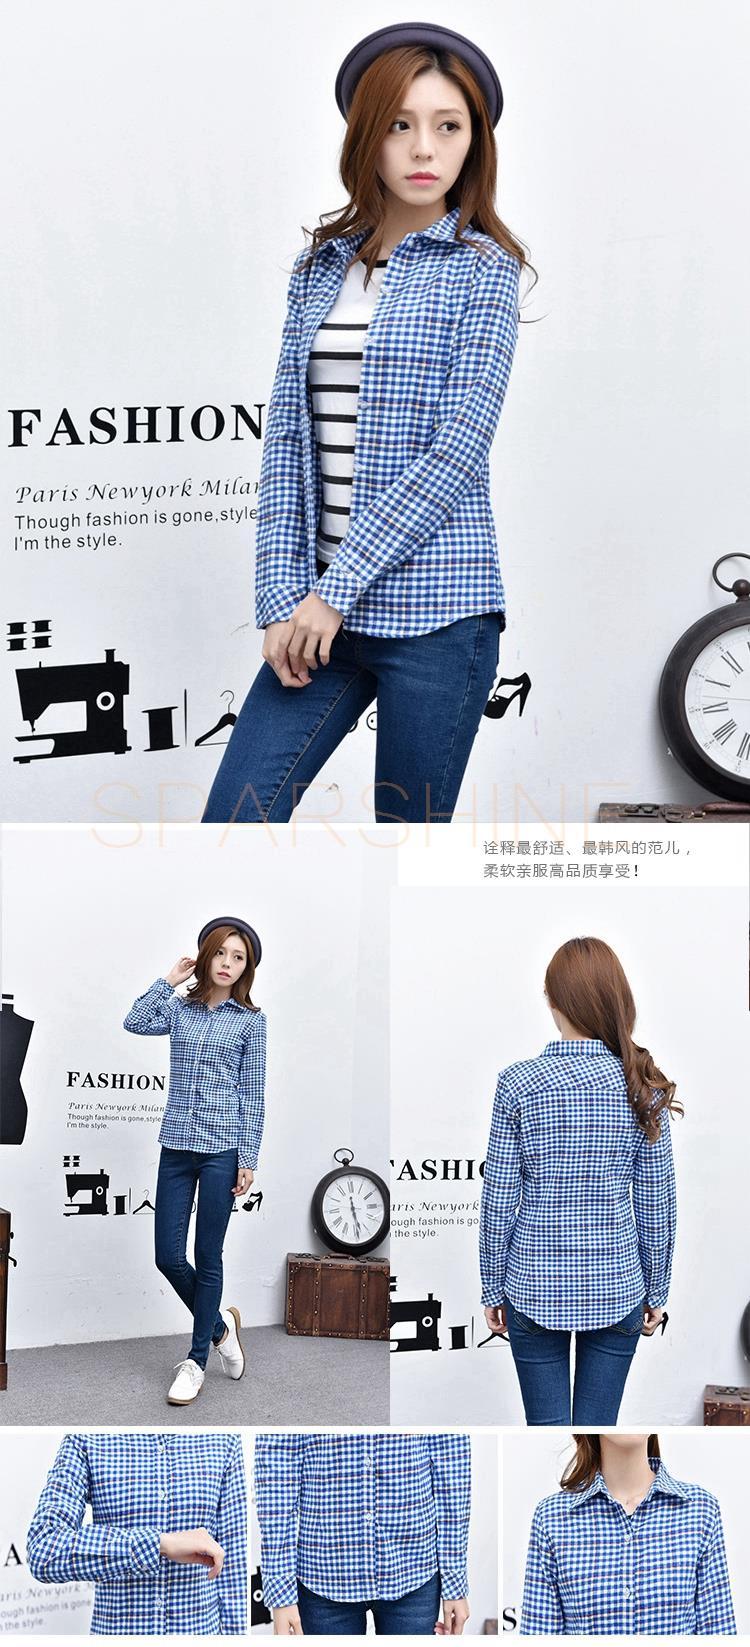 HTB1p 2XLFXXXXc5XVXXq6xXFXXX8 - Girl's Plaid Flannel Shirt PTC 67